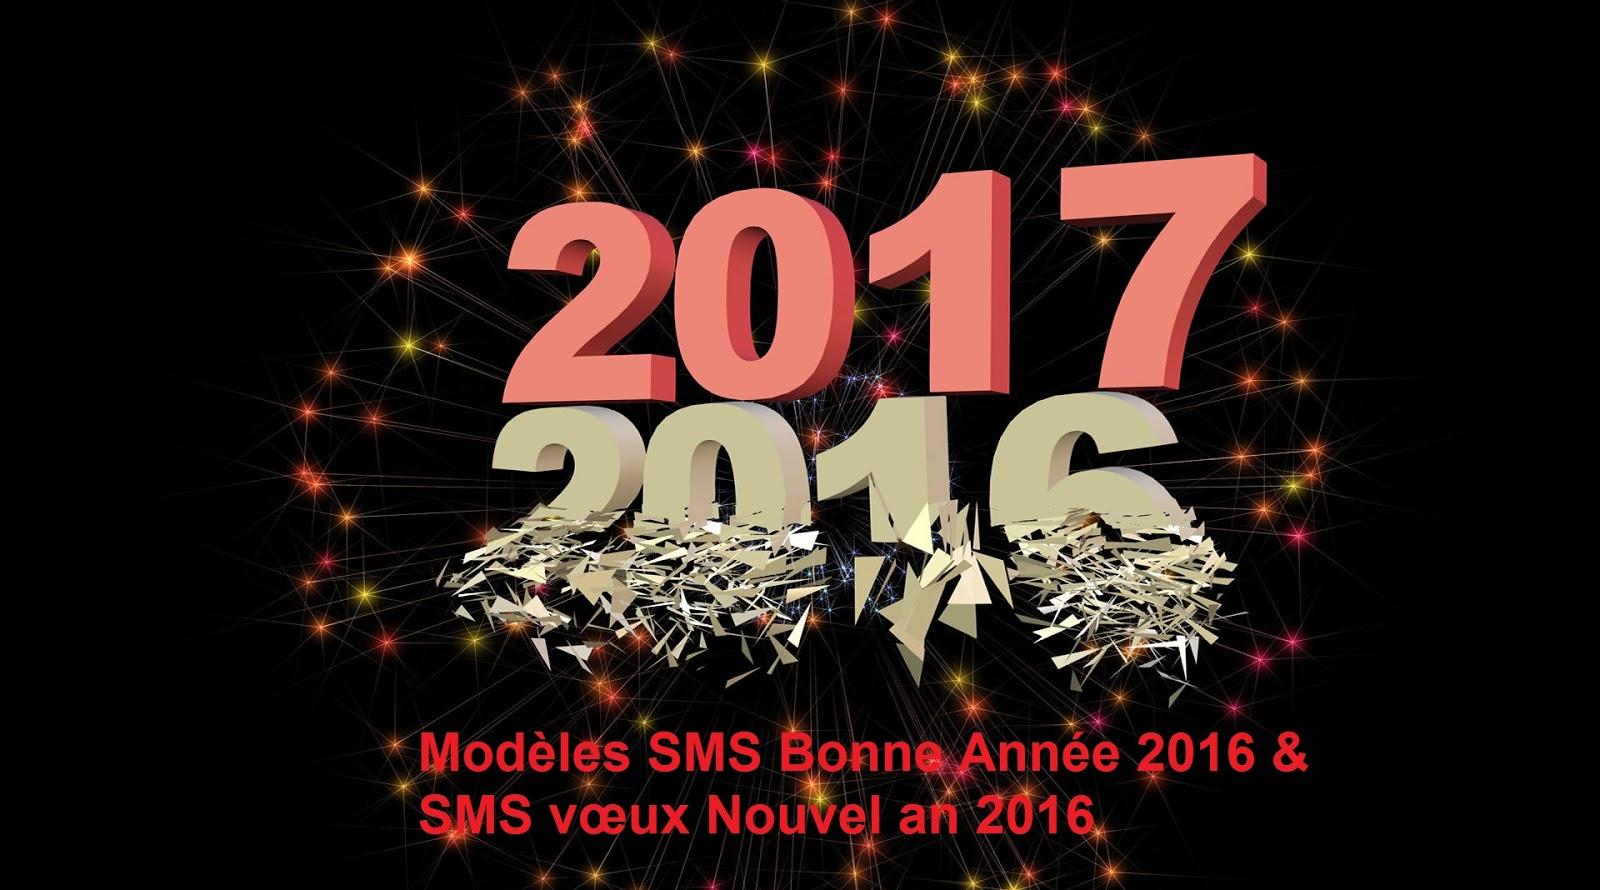 Modèles SMS Bonne Année 2017 & SMS vœux Nouvel an 2017